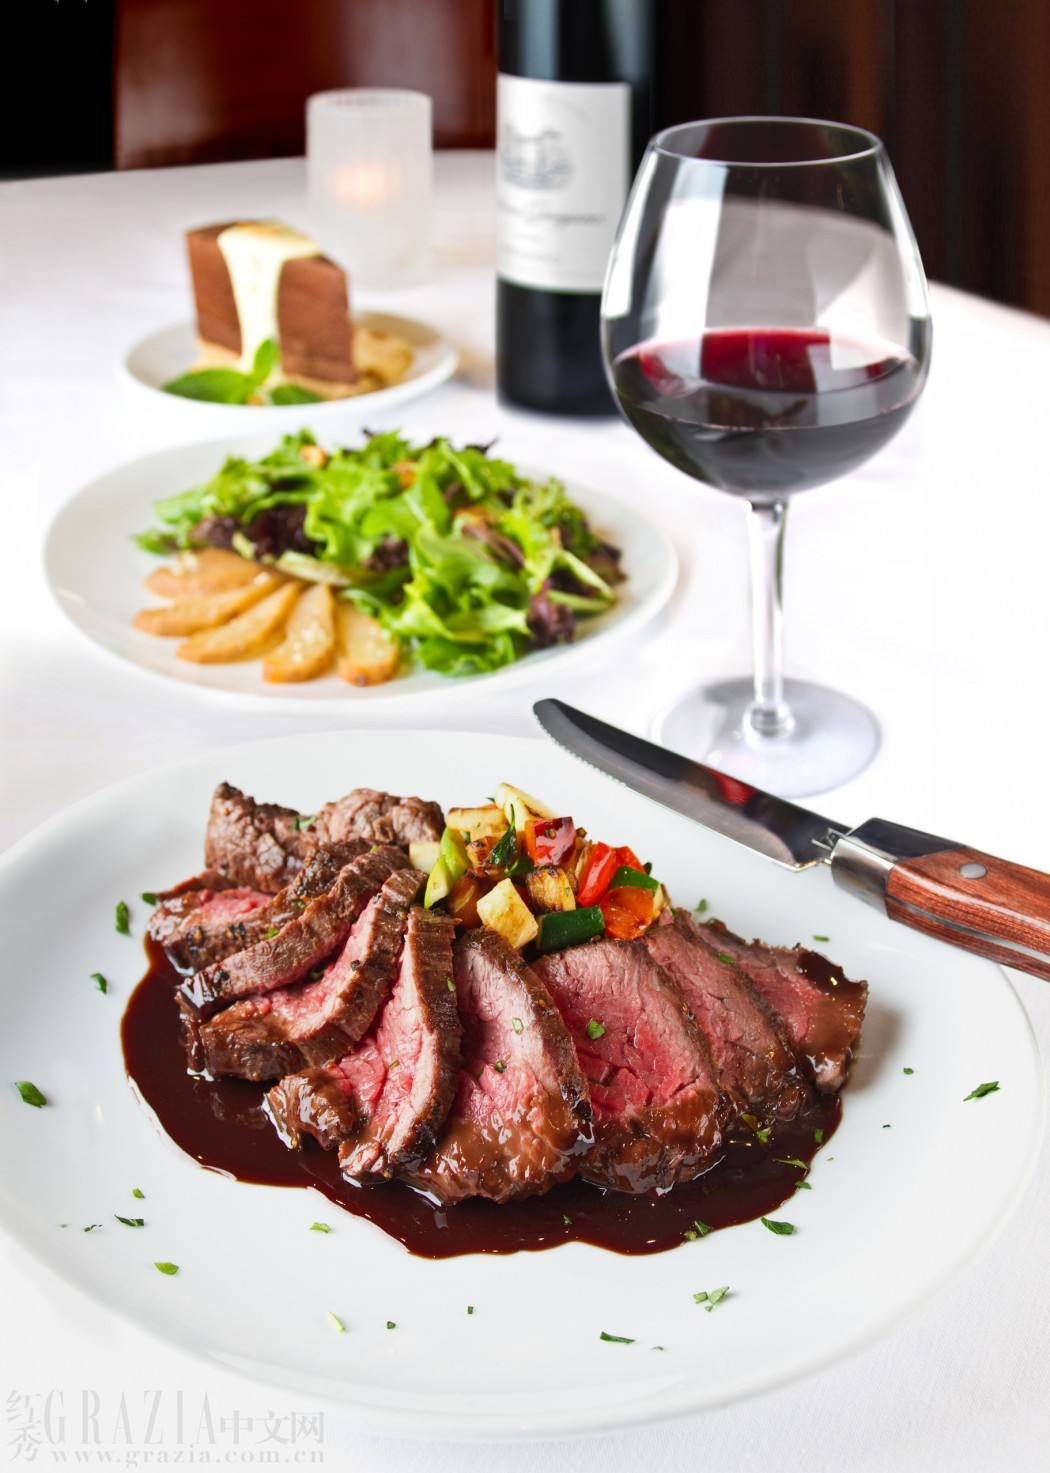 经典搭配吃出牛排与葡萄酒的 幸福感